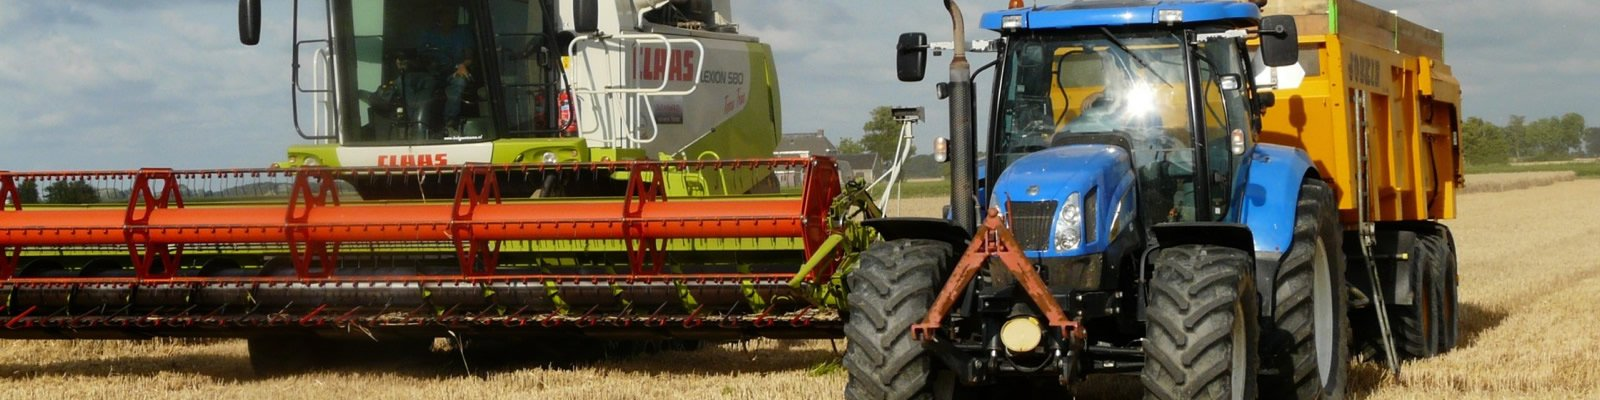 """LKW und Agrartechnik: eine """"XXL"""" Industrie mit besonderen Anforderungen"""